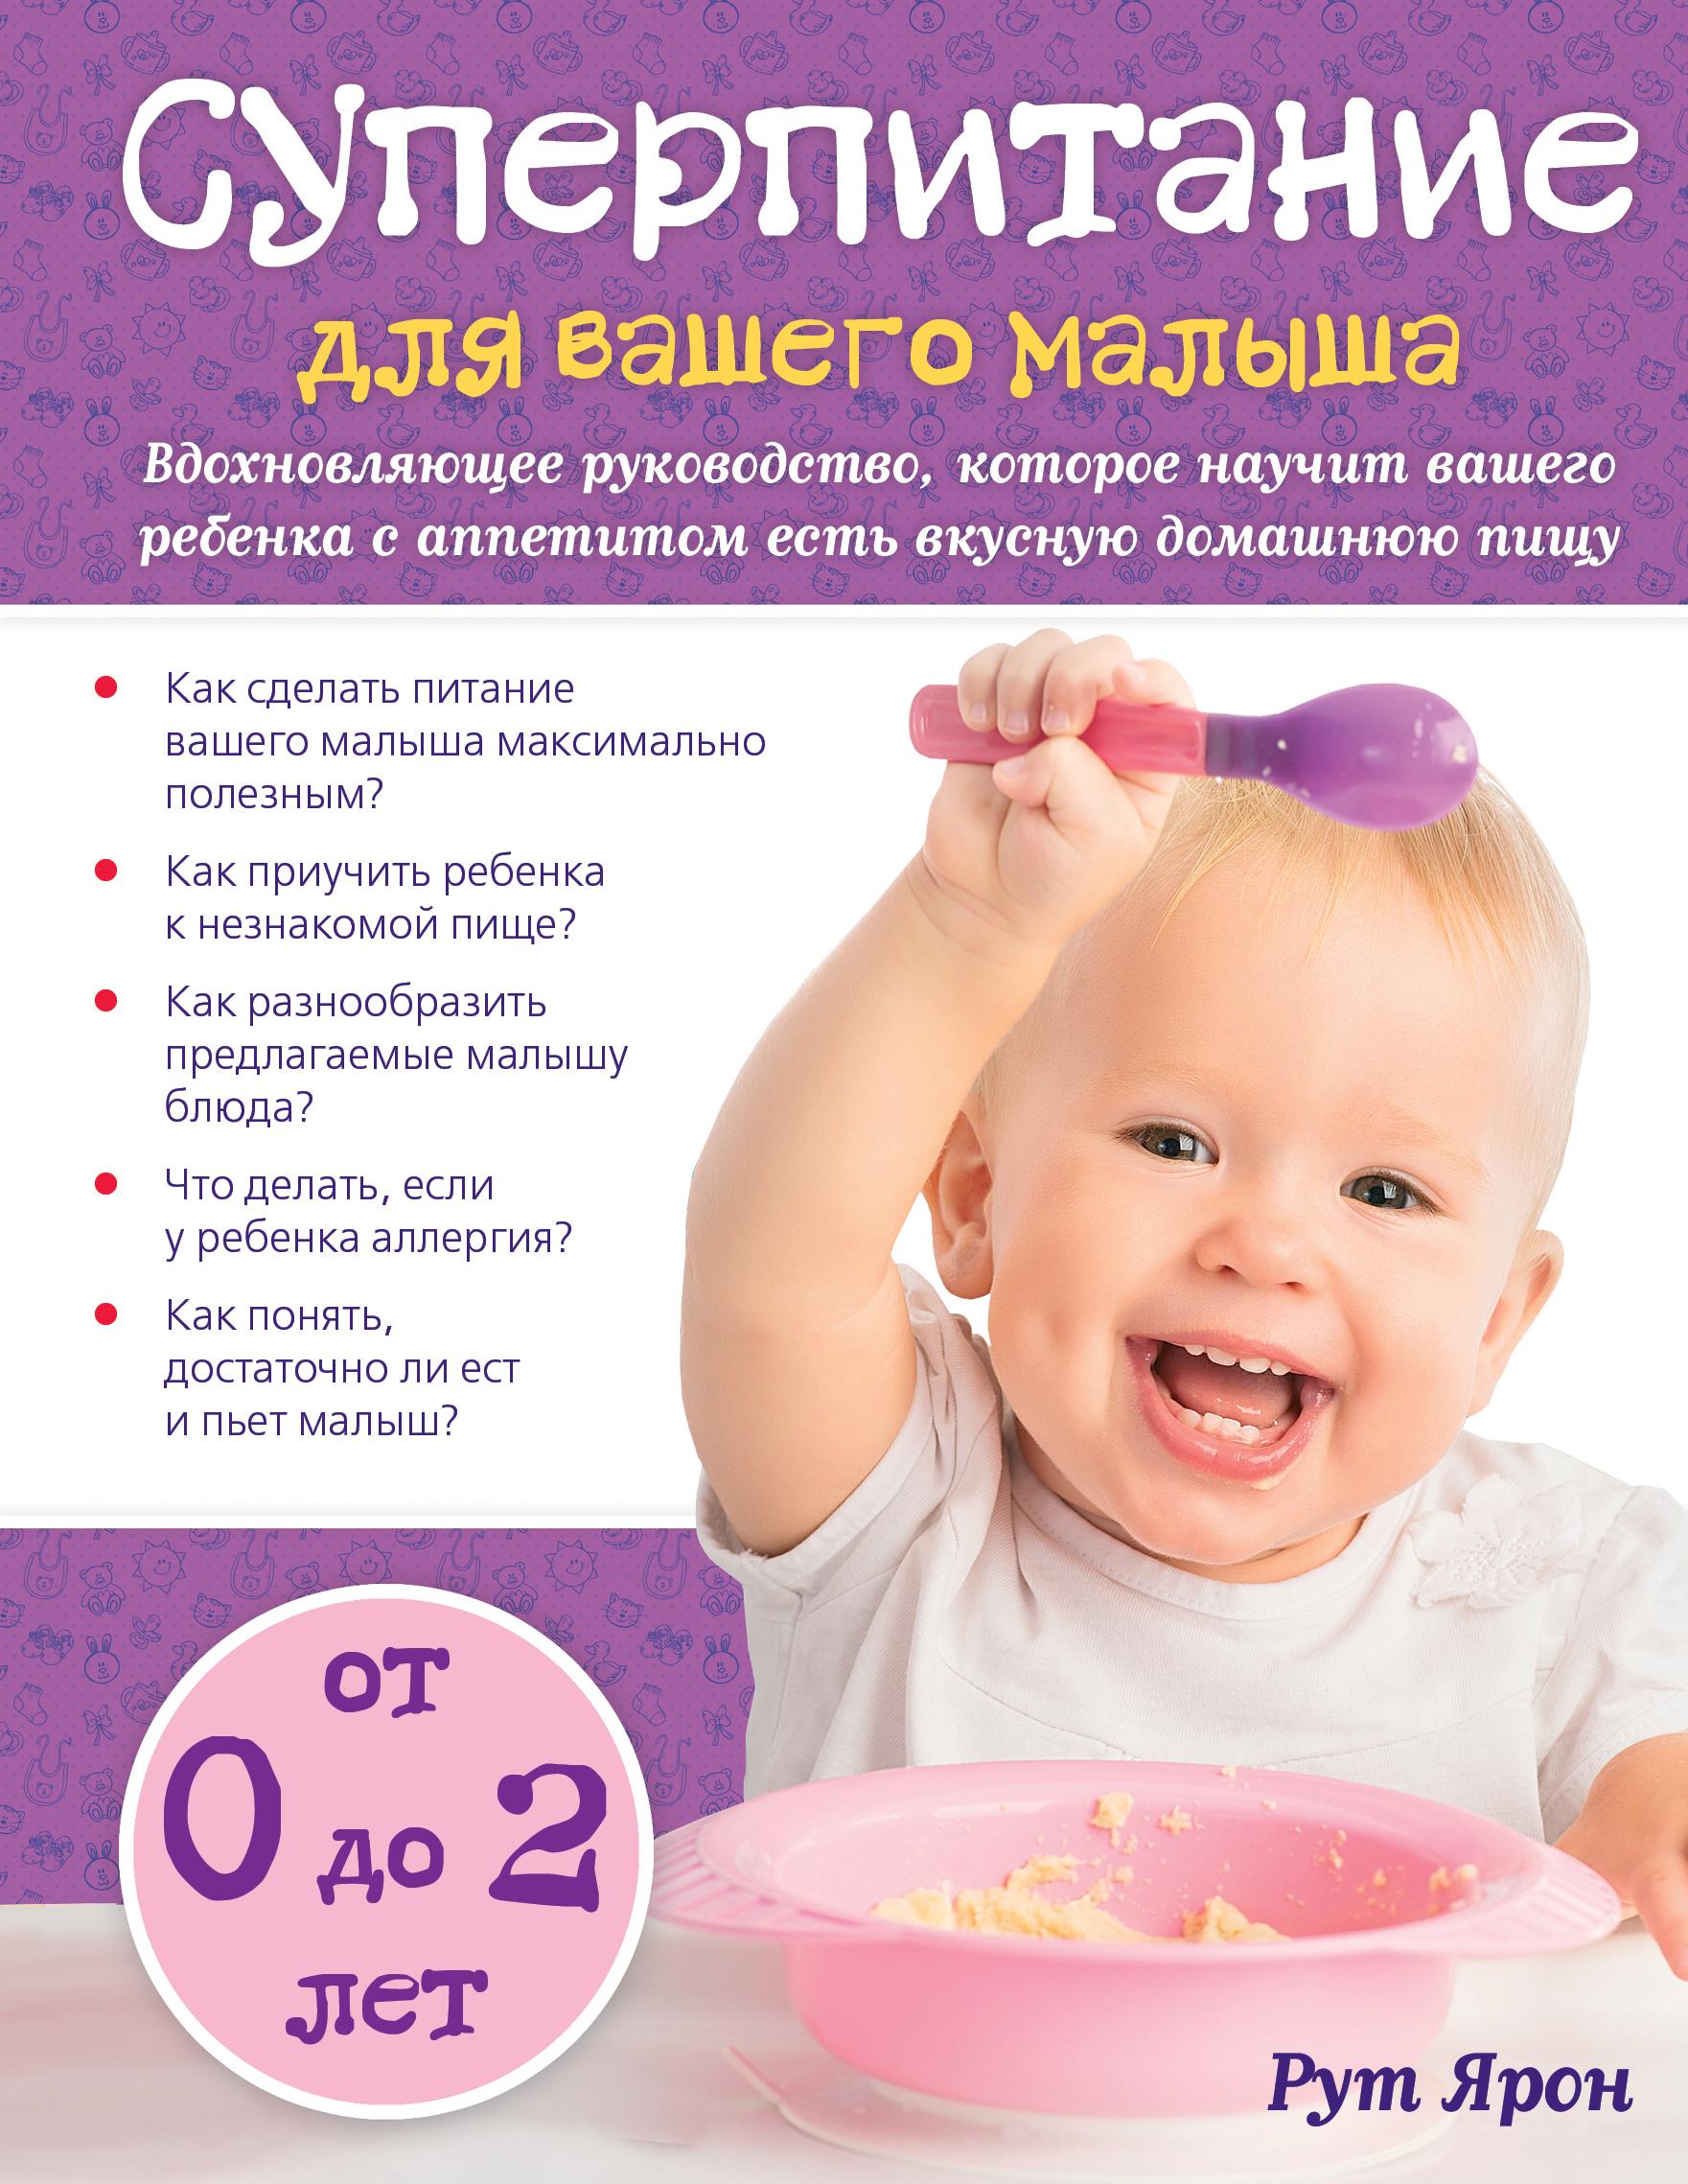 Ярон Р. Суперпитание для вашего малыша